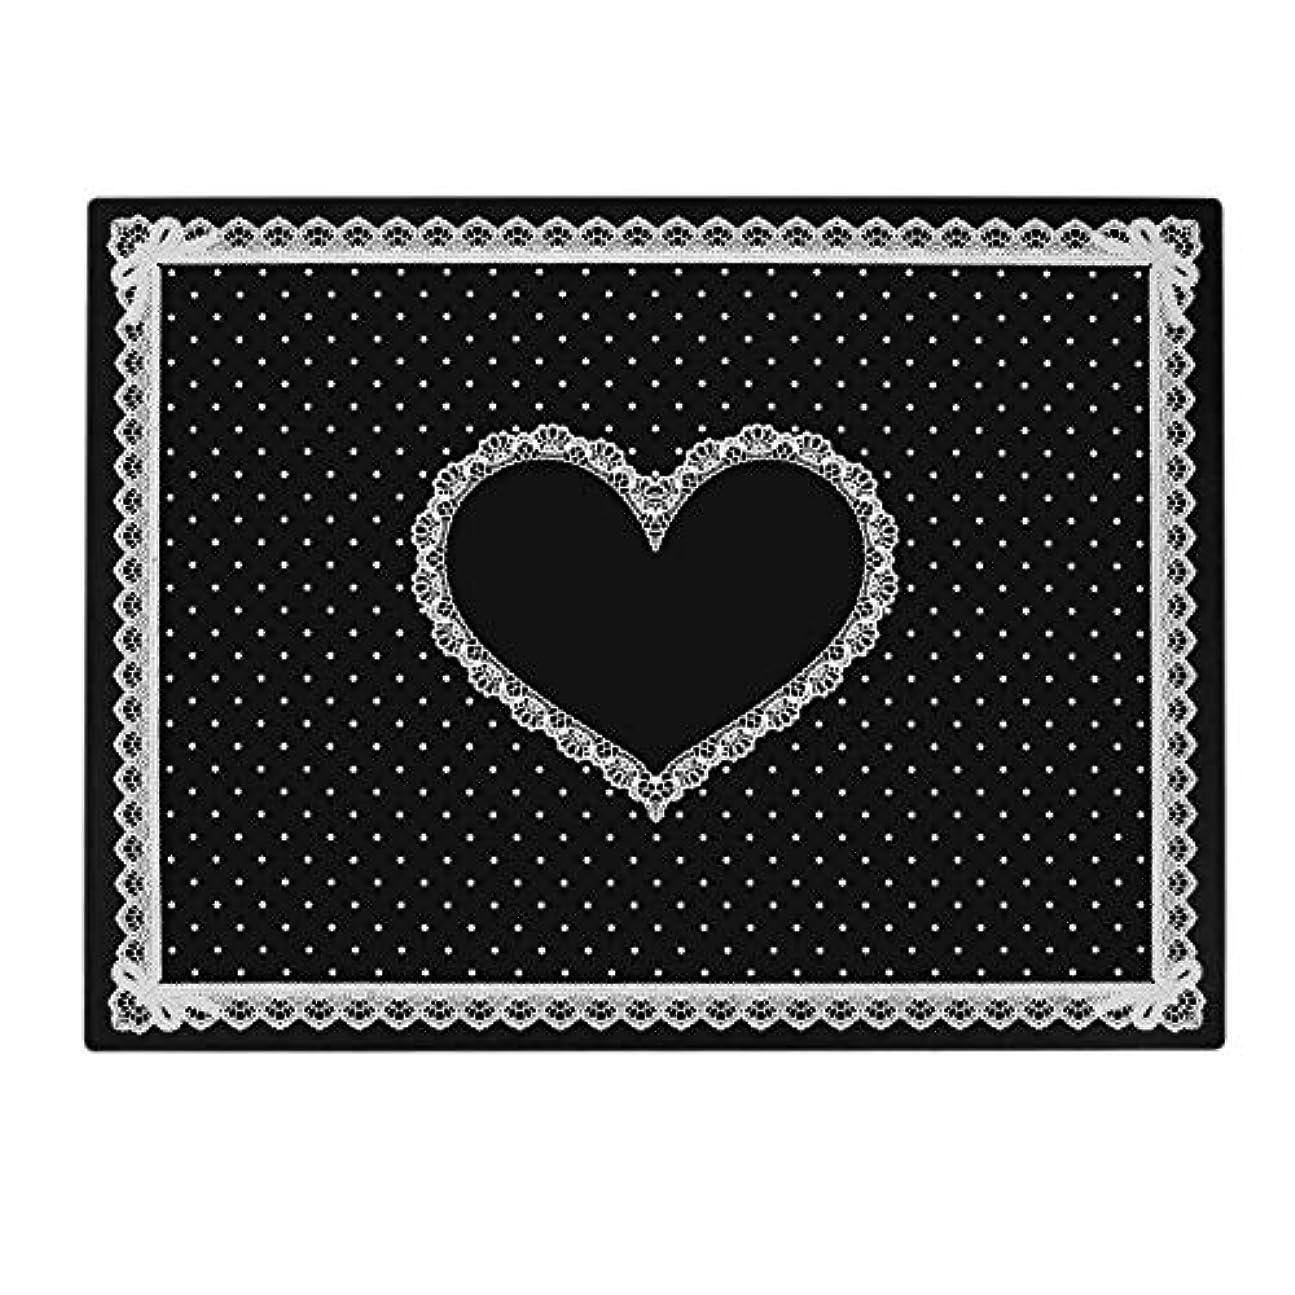 枯れるおもしろい期待して5色高品質の快適なシリコンハンドレストクッション枕-ネイルアートテーブルアーム手首パッドマニキュアサロン(14)